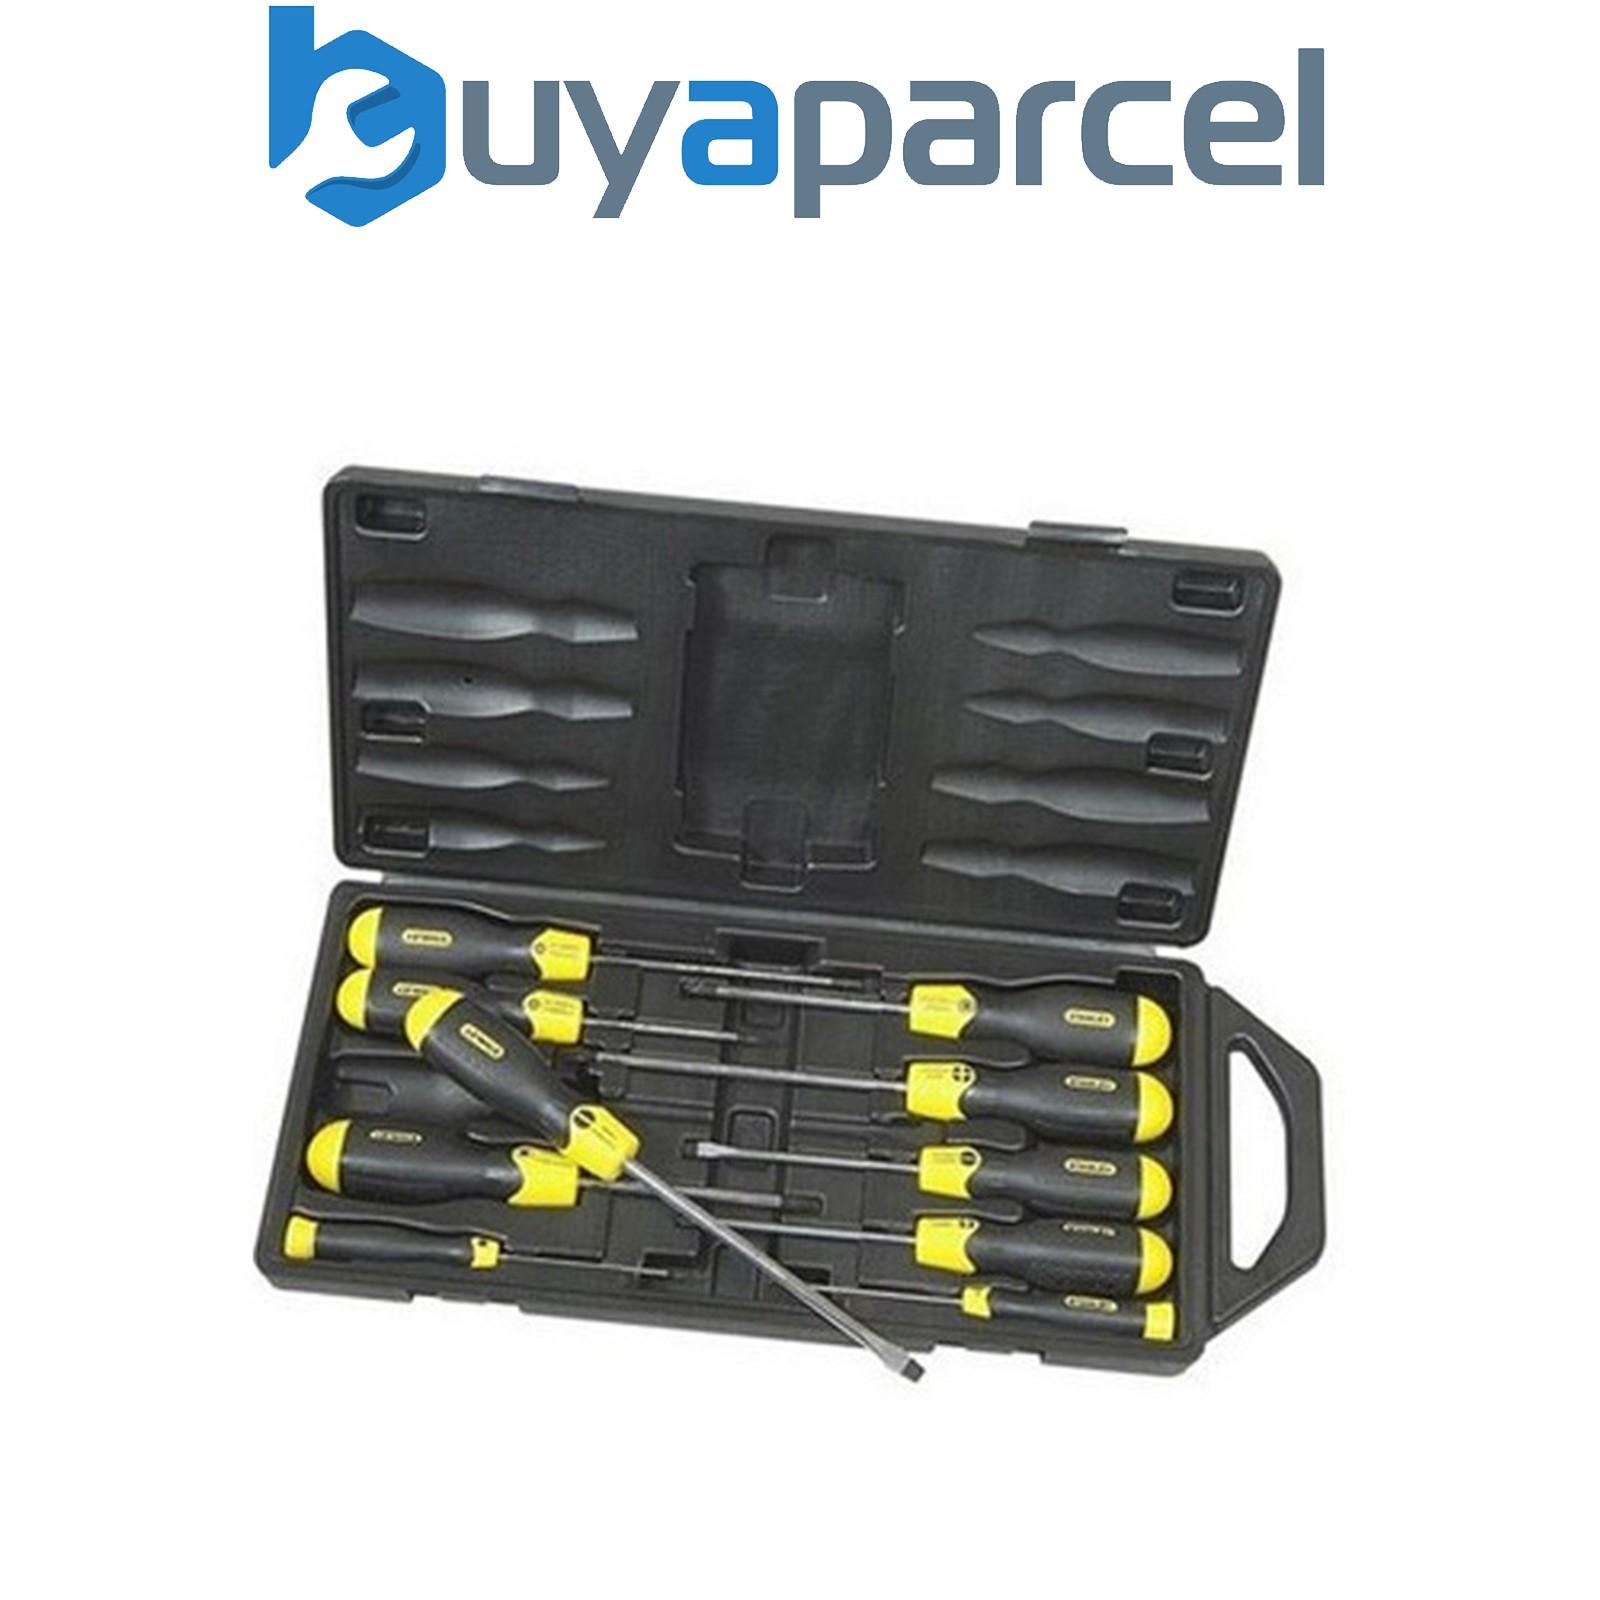 stanley cushion grip 10 screwdriver set magnetic tips sta265014 2 65 014 ebay. Black Bedroom Furniture Sets. Home Design Ideas